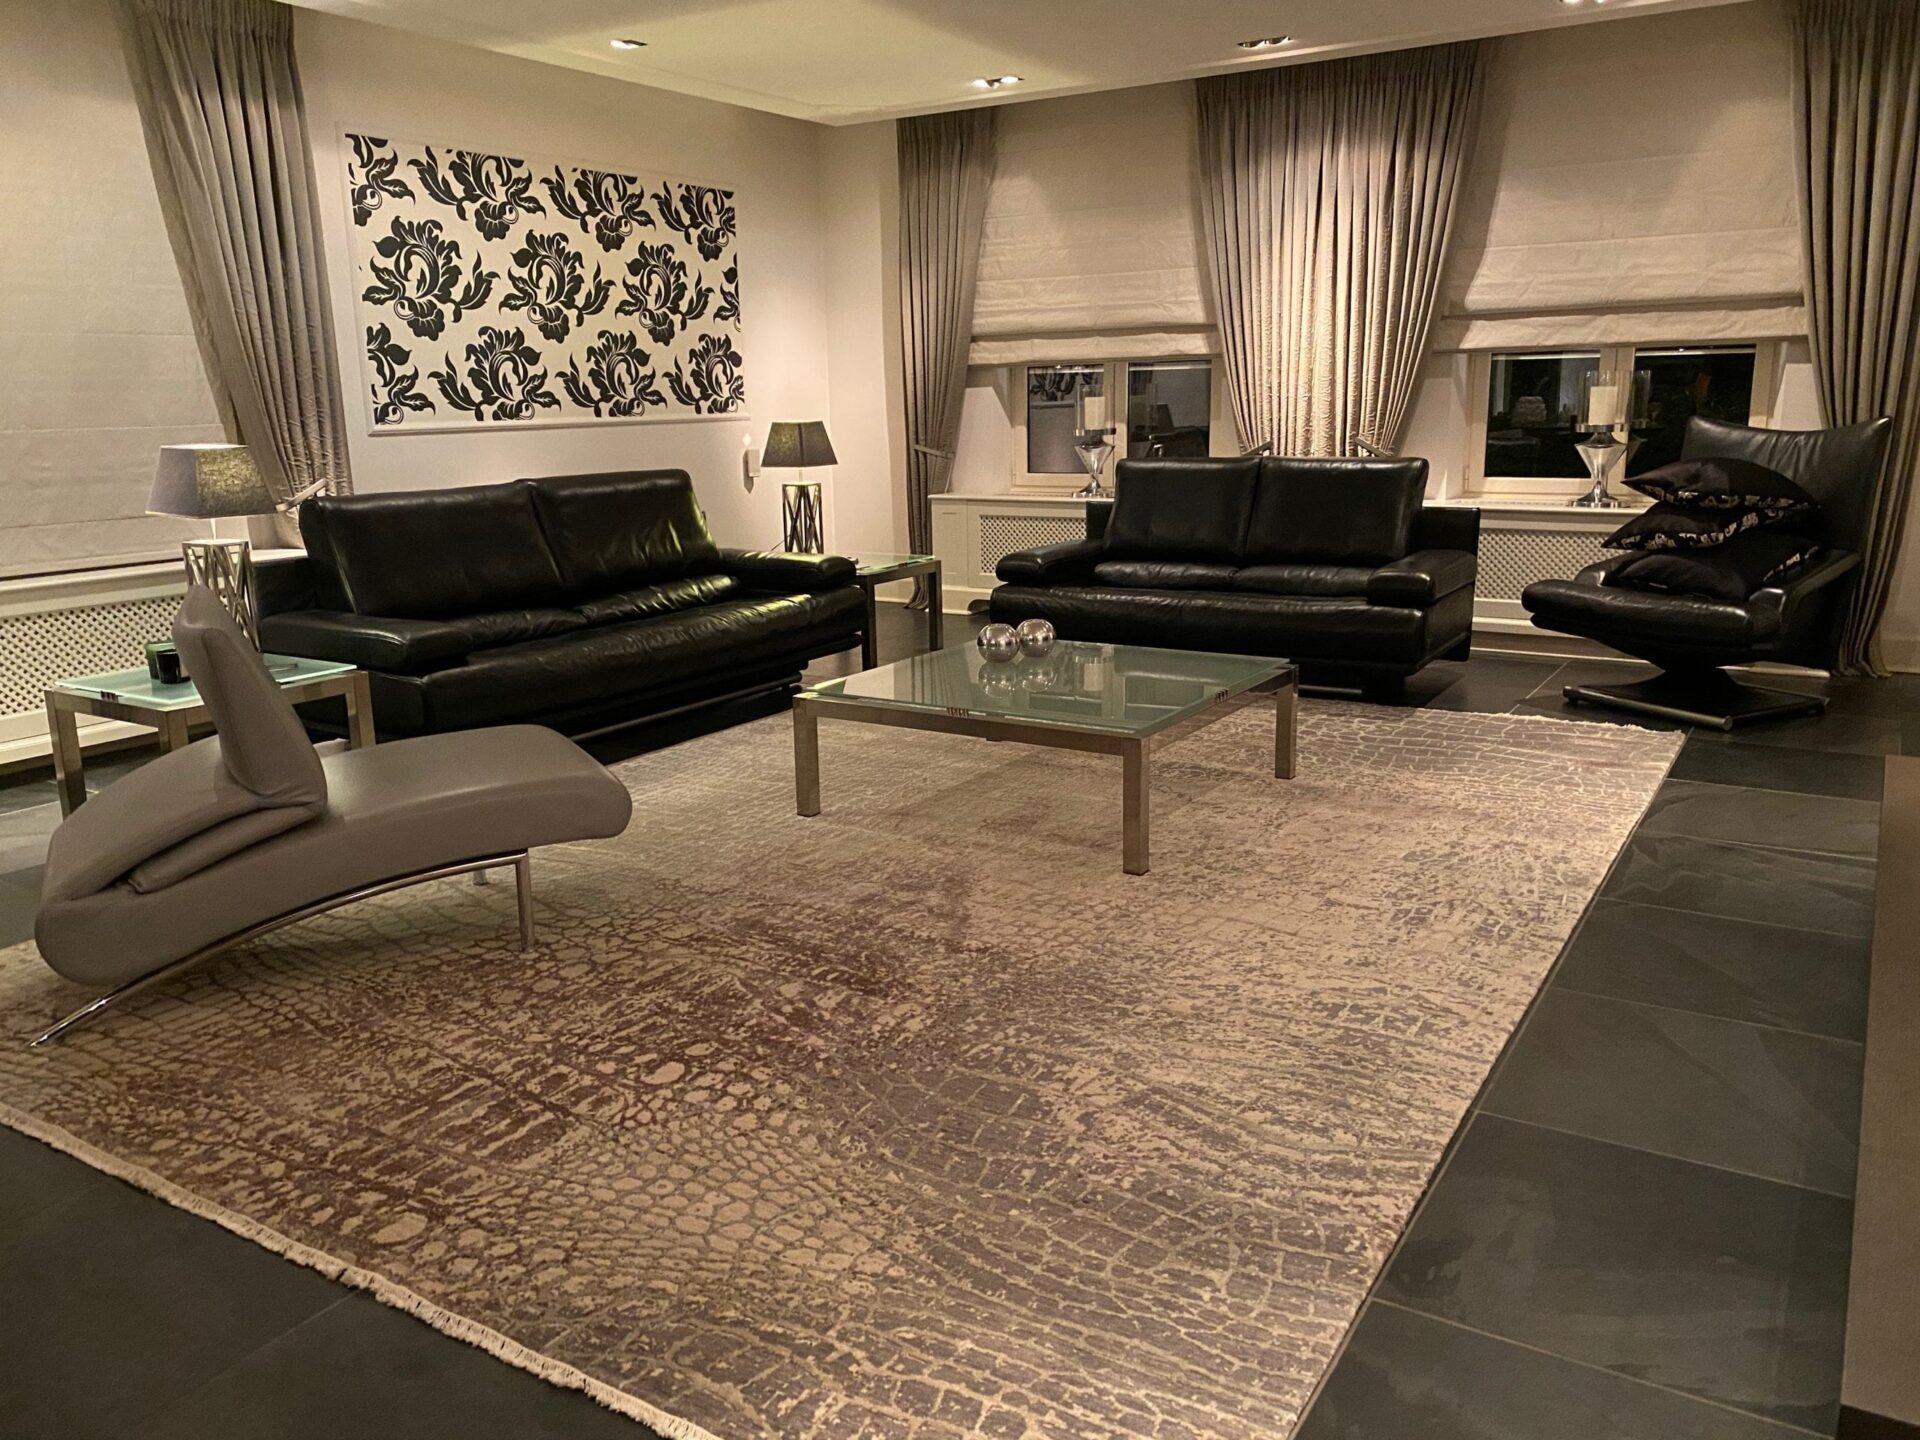 Loricata design tapijt